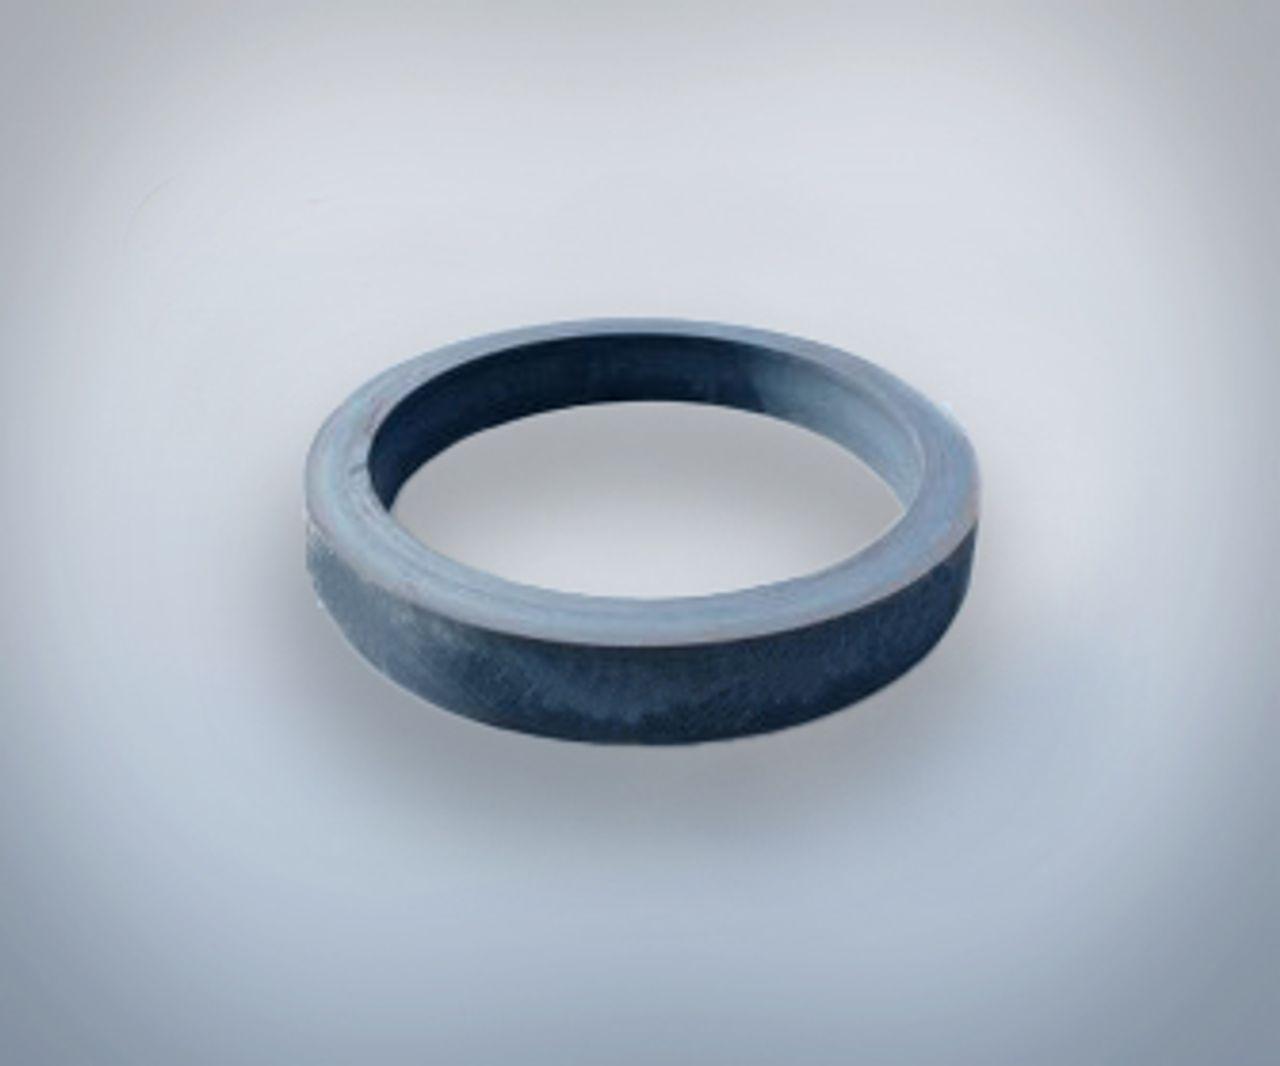 Ein schwarzer Ring auf grauem Hintergrund